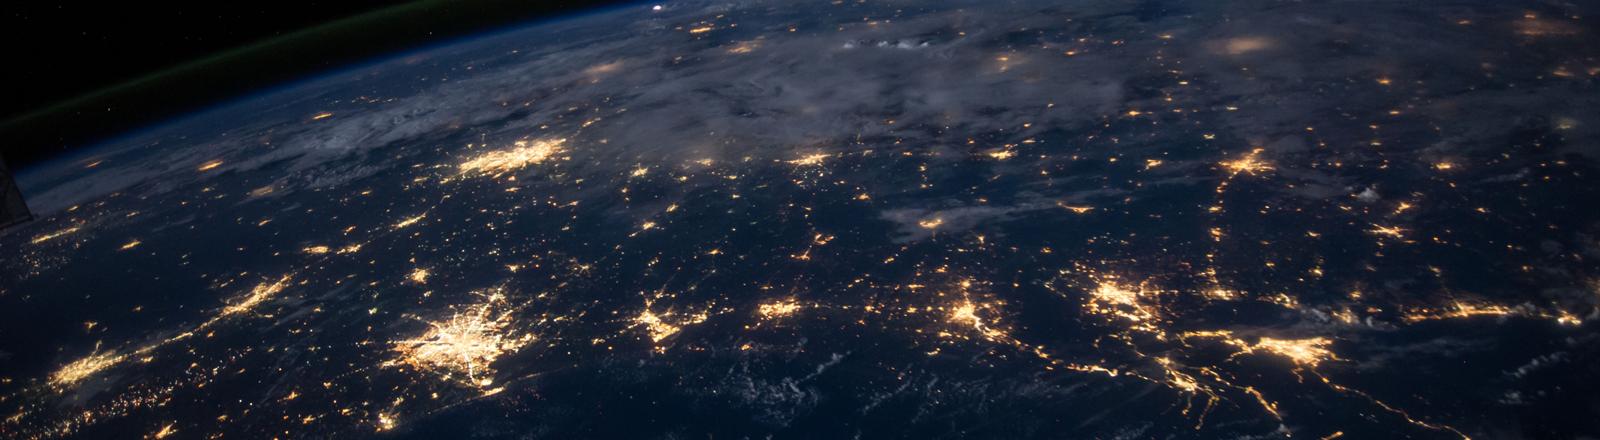 Die Erde bei Nacht, es sind deutliche Lichtnetze zu sehen.